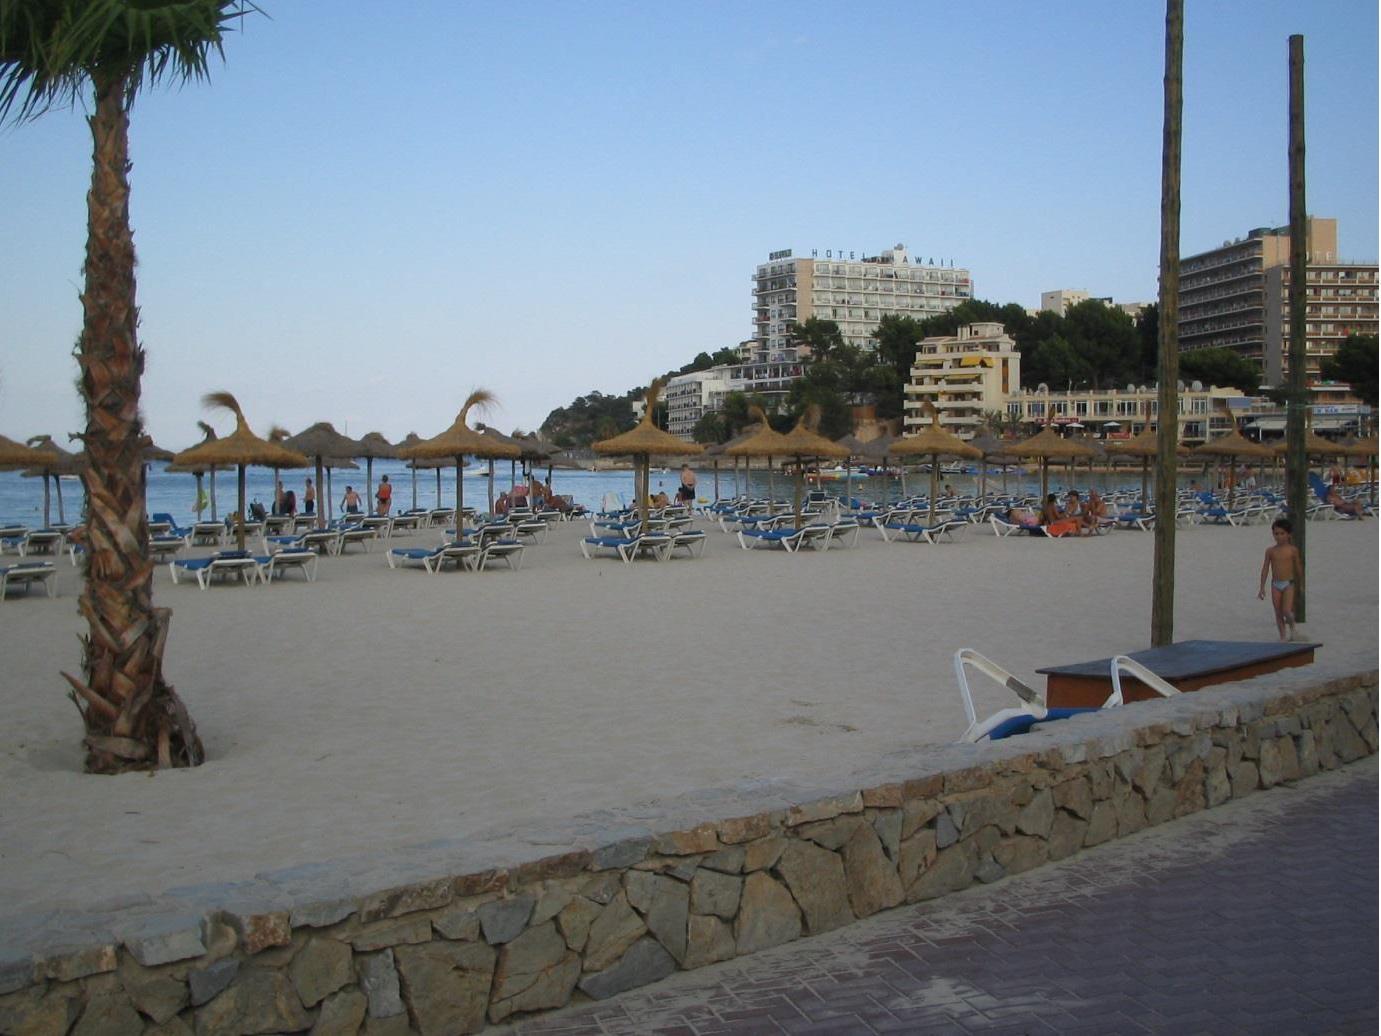 Actividades para hacer en el Hotel BelleVue Vistanova